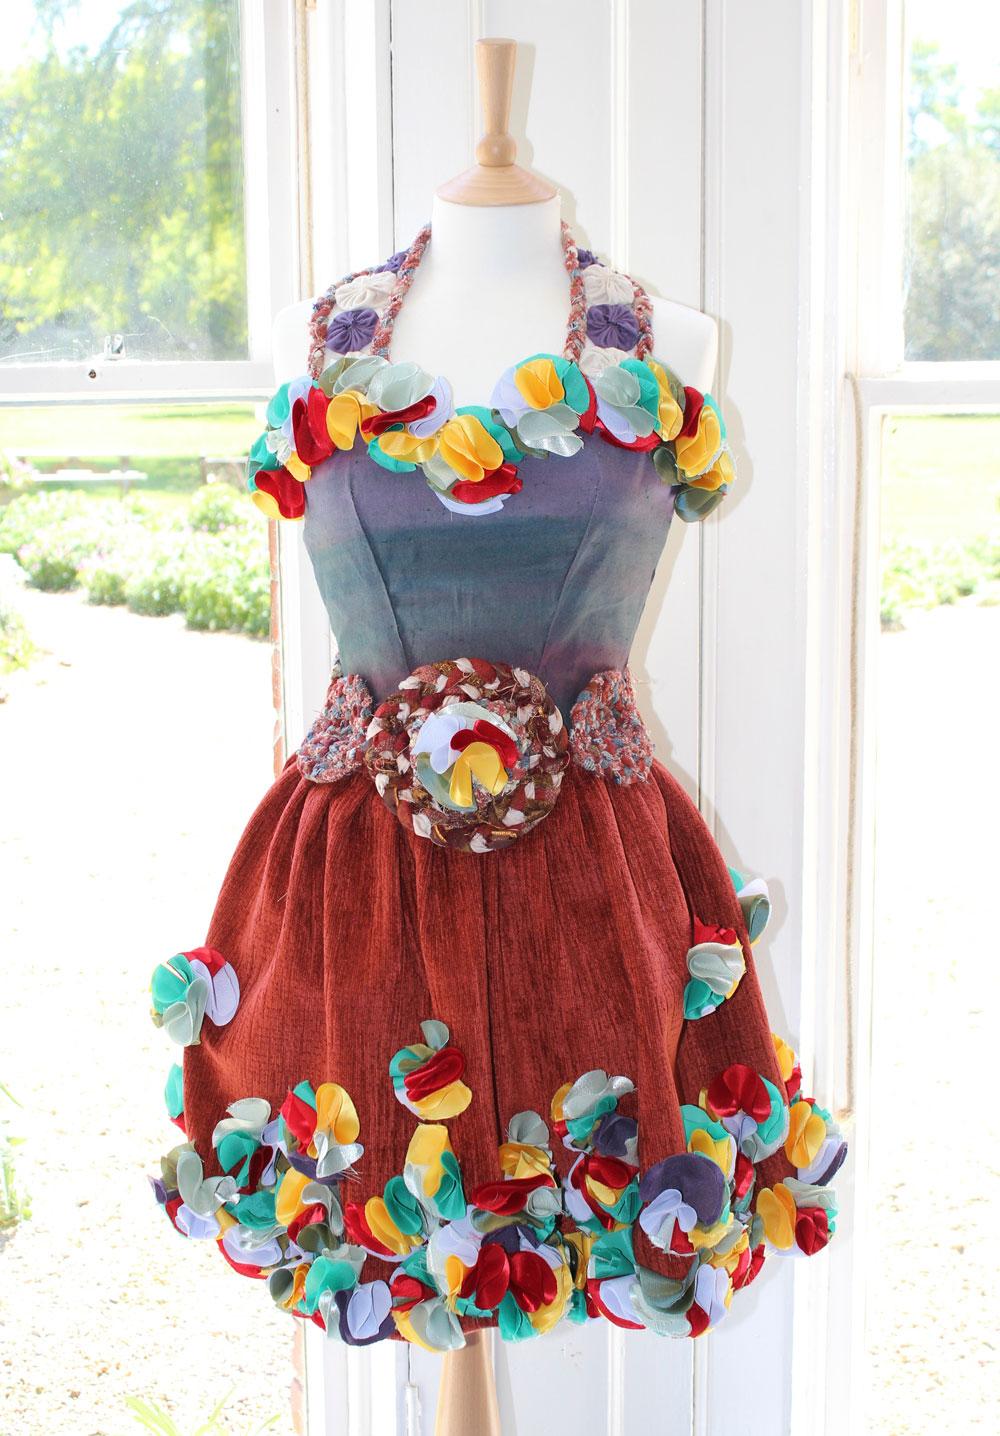 a2 textiles coursework